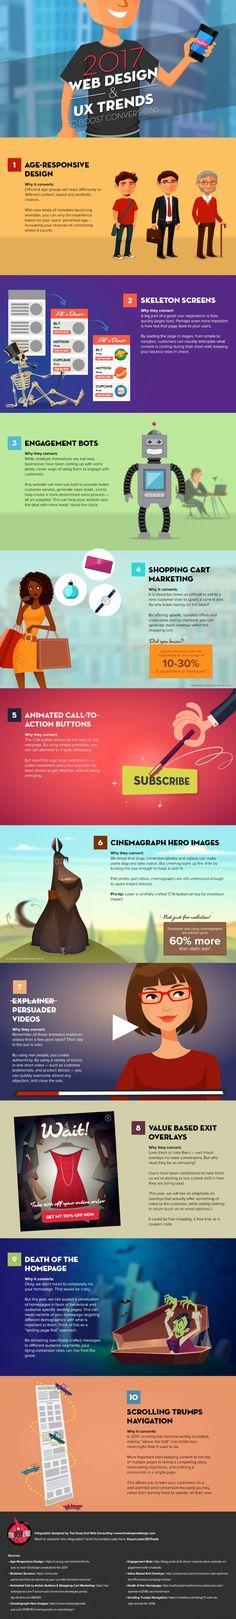 Une infographie pour apprendre le vocabulaire du webdesign et de l'UX